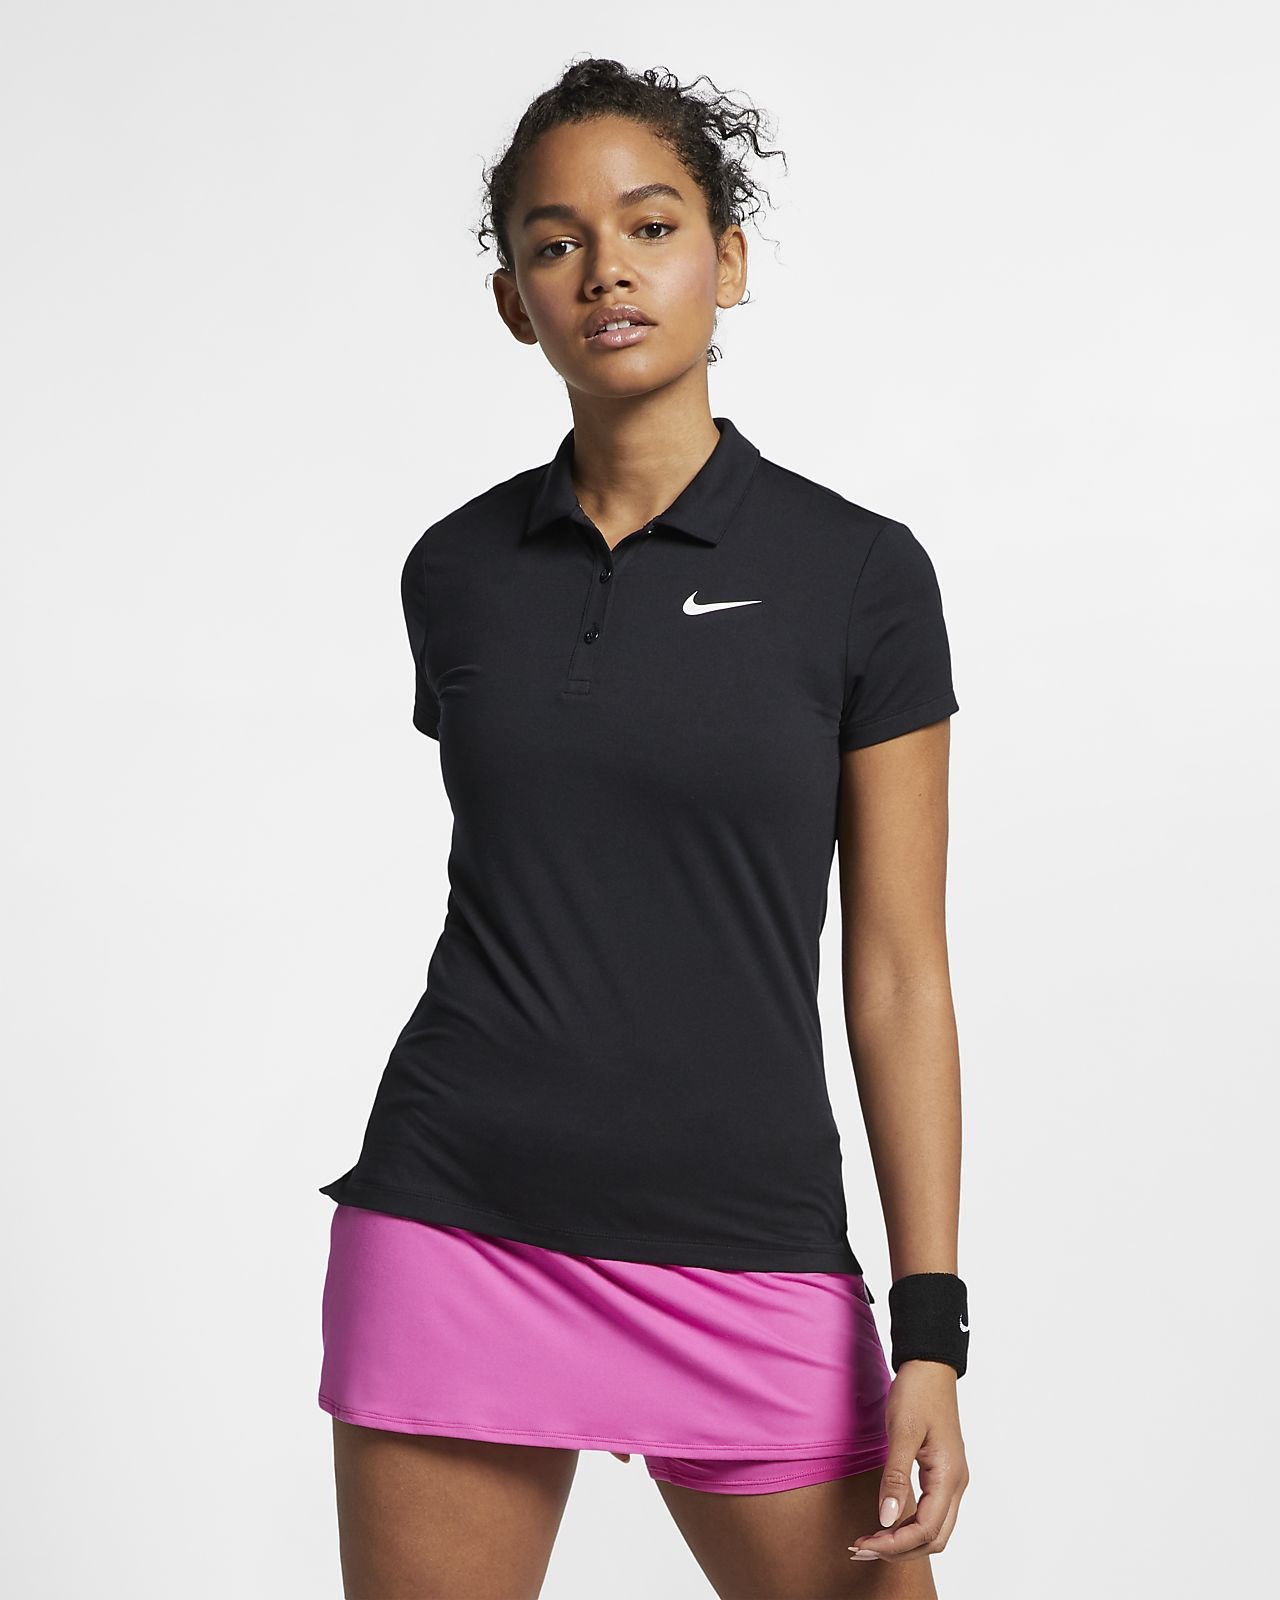 Dámská tenisová polokošile NikeCourt Pure